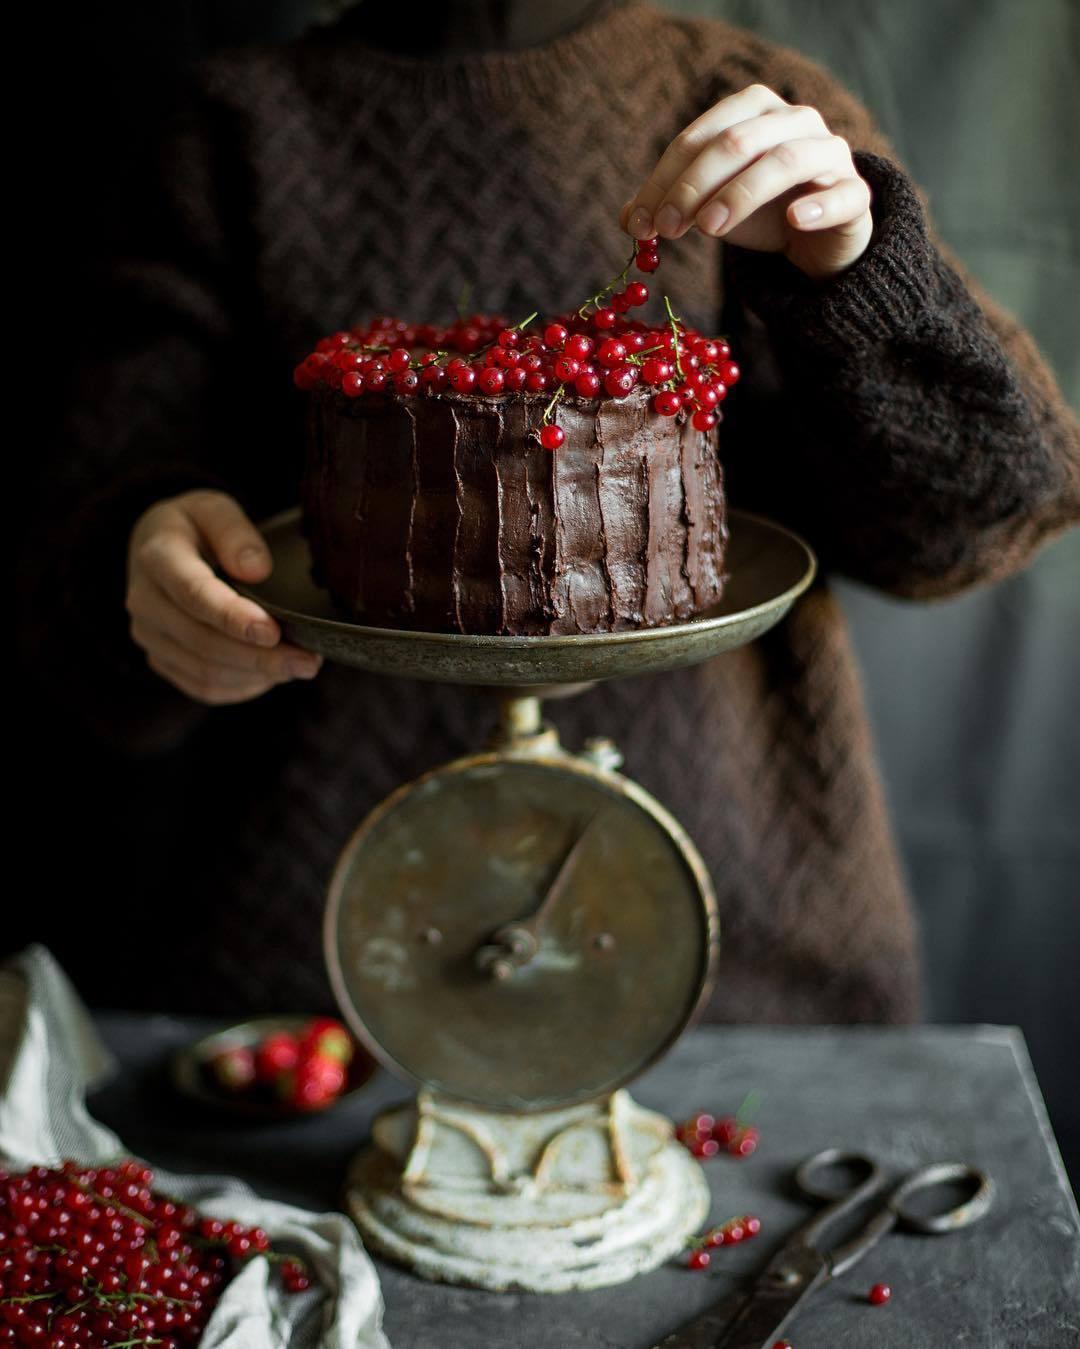 宠物-这位漂亮的美女蛋糕师,让猫咪来为蛋糕代言,将平淡无奇的蛋糕化腐朽为神奇(30)